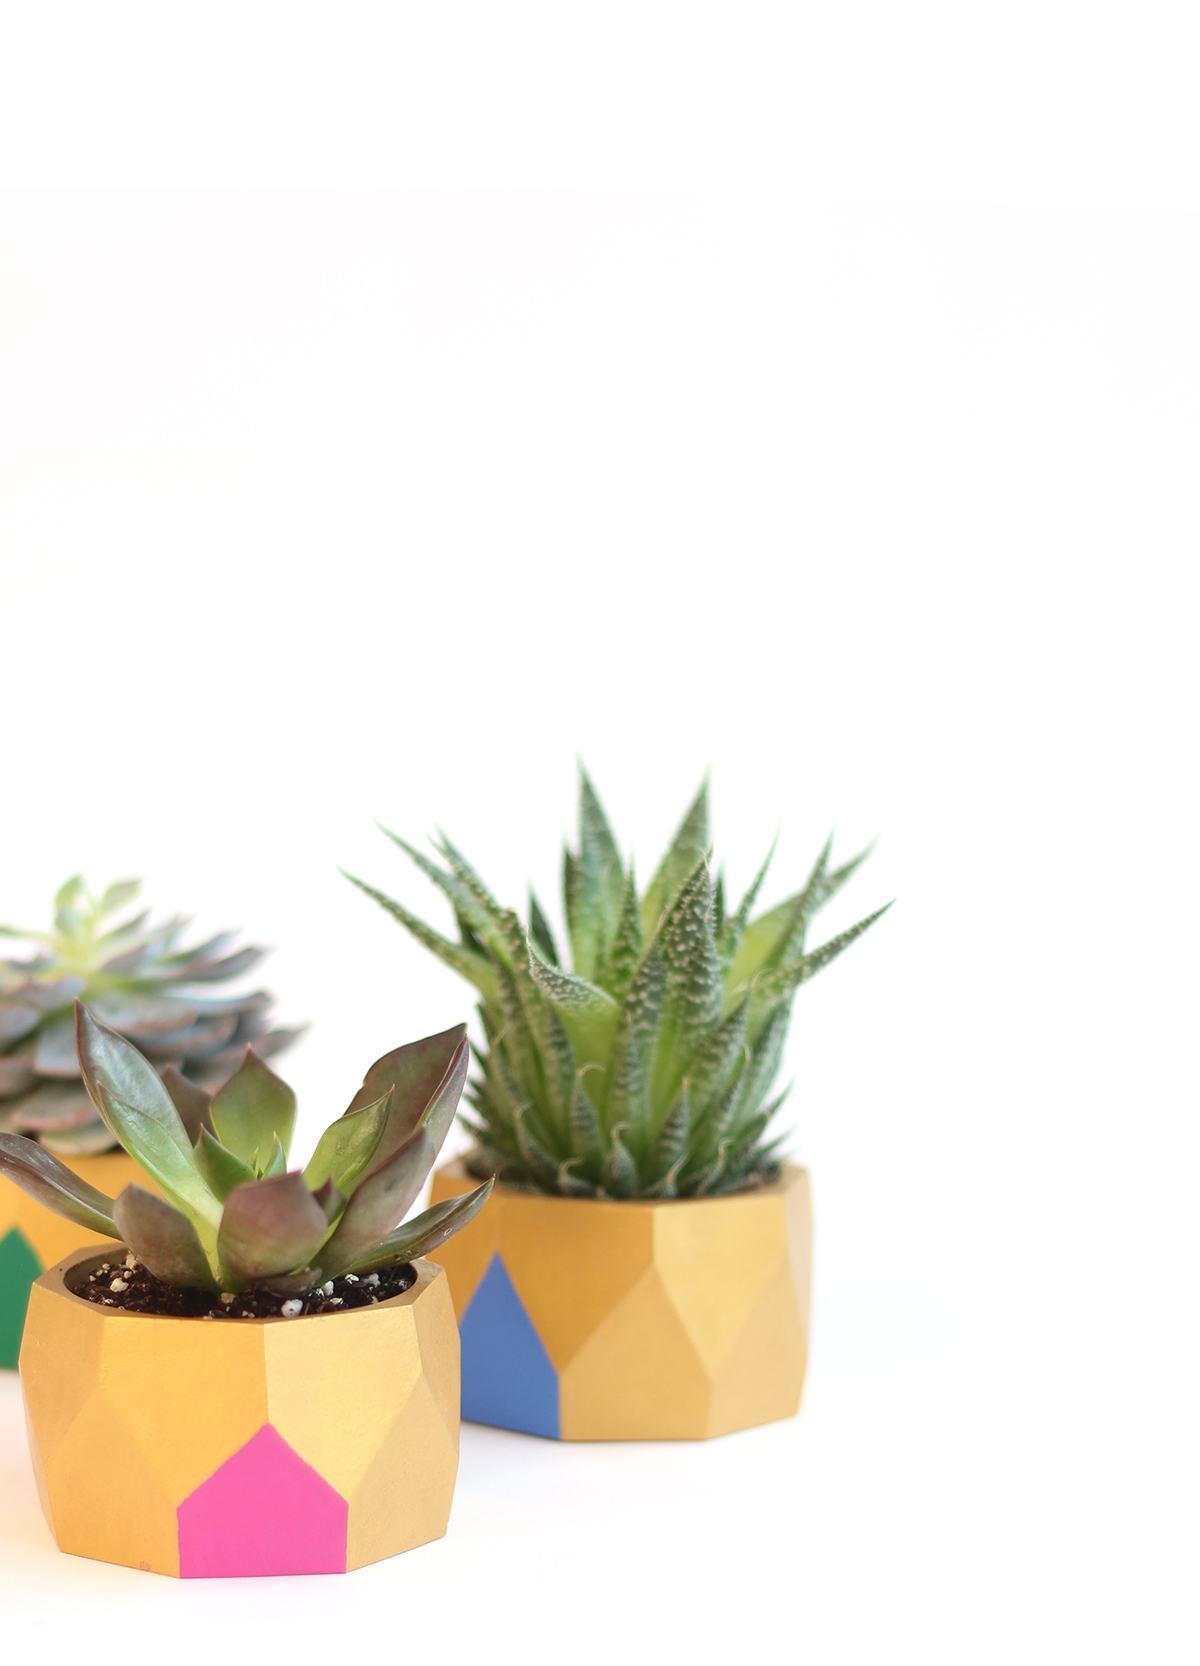 Vasos coloridos com detalhes geométricos em madeira